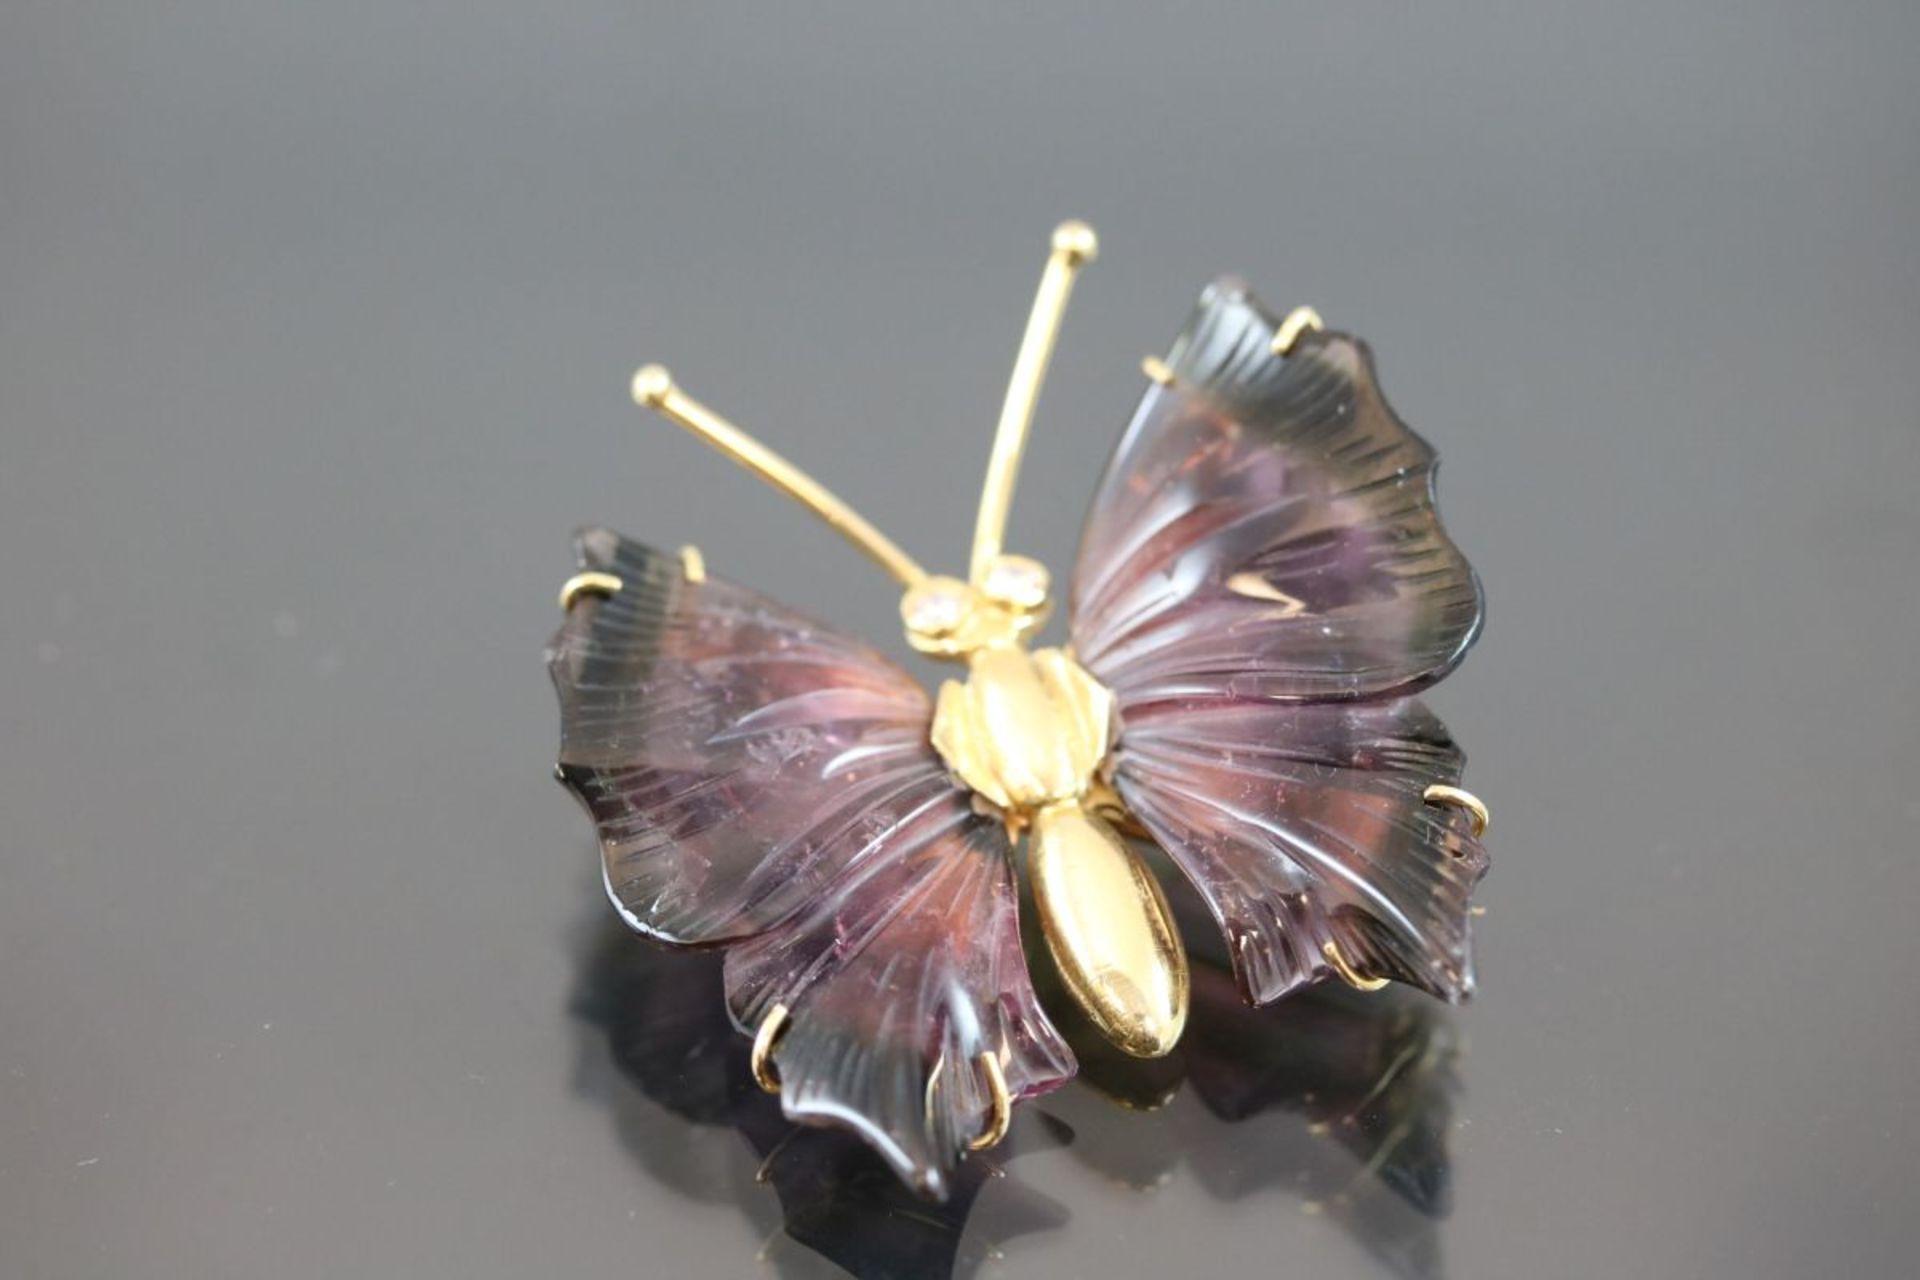 Brillant-Schmetterling-Brosche, 750 Gelbgold13,8 Gramm 2 Brillanten, 0,08 ct., tw/vvsi. Flügel